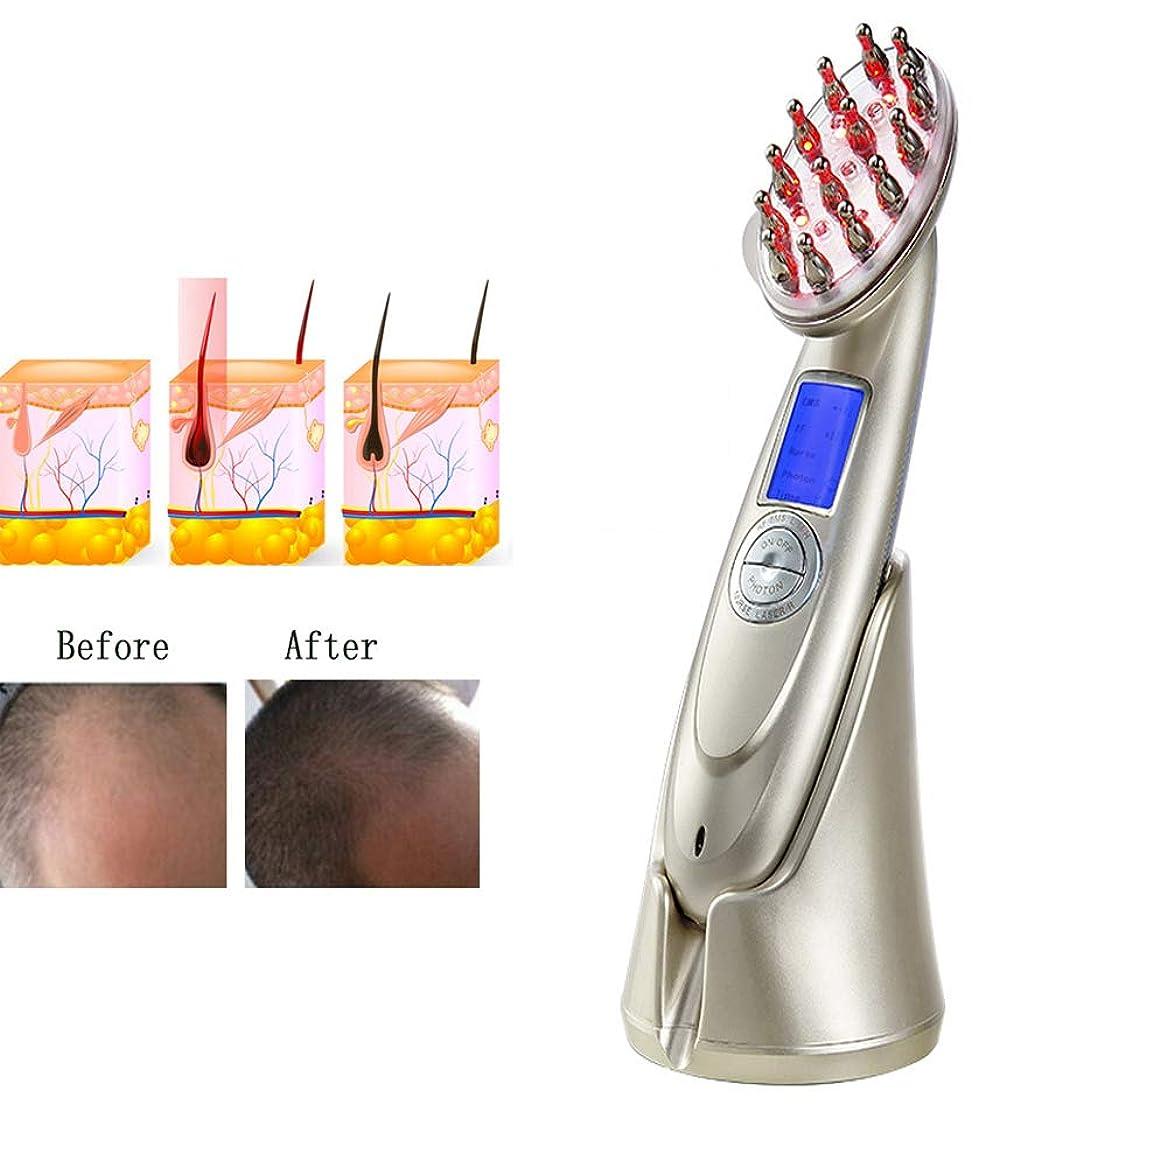 正当化する不条理苦プロの電気髪の成長レーザー櫛 RF EMS LED 光子光療法ブラシ抗脱毛治療マッサージの健康胚ブラシをアップグレードします。